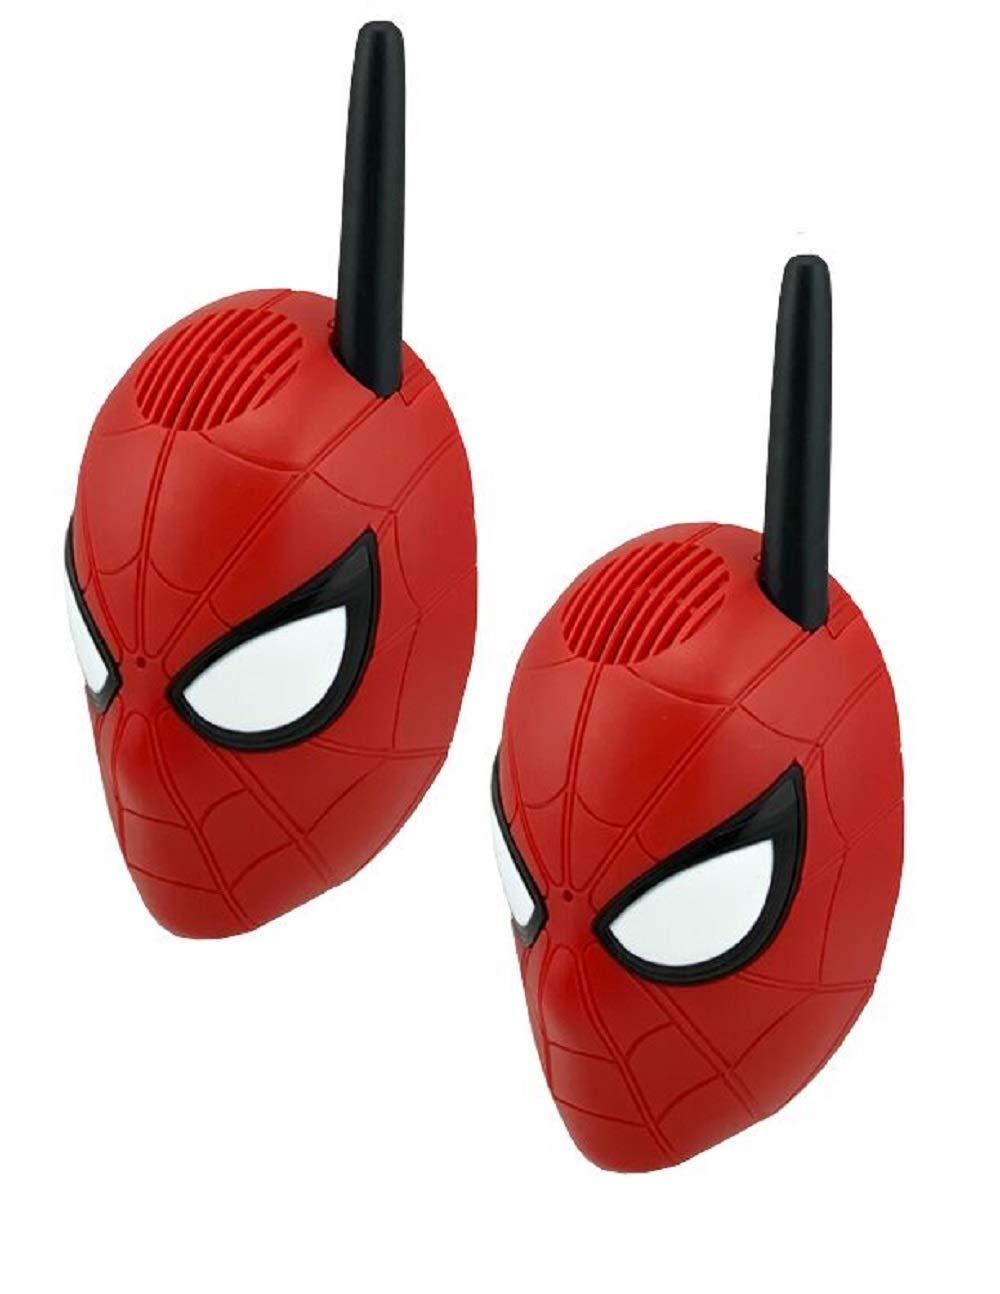 ekids super hero character walkie talkies for kids with long range 2 way radios Spiderman